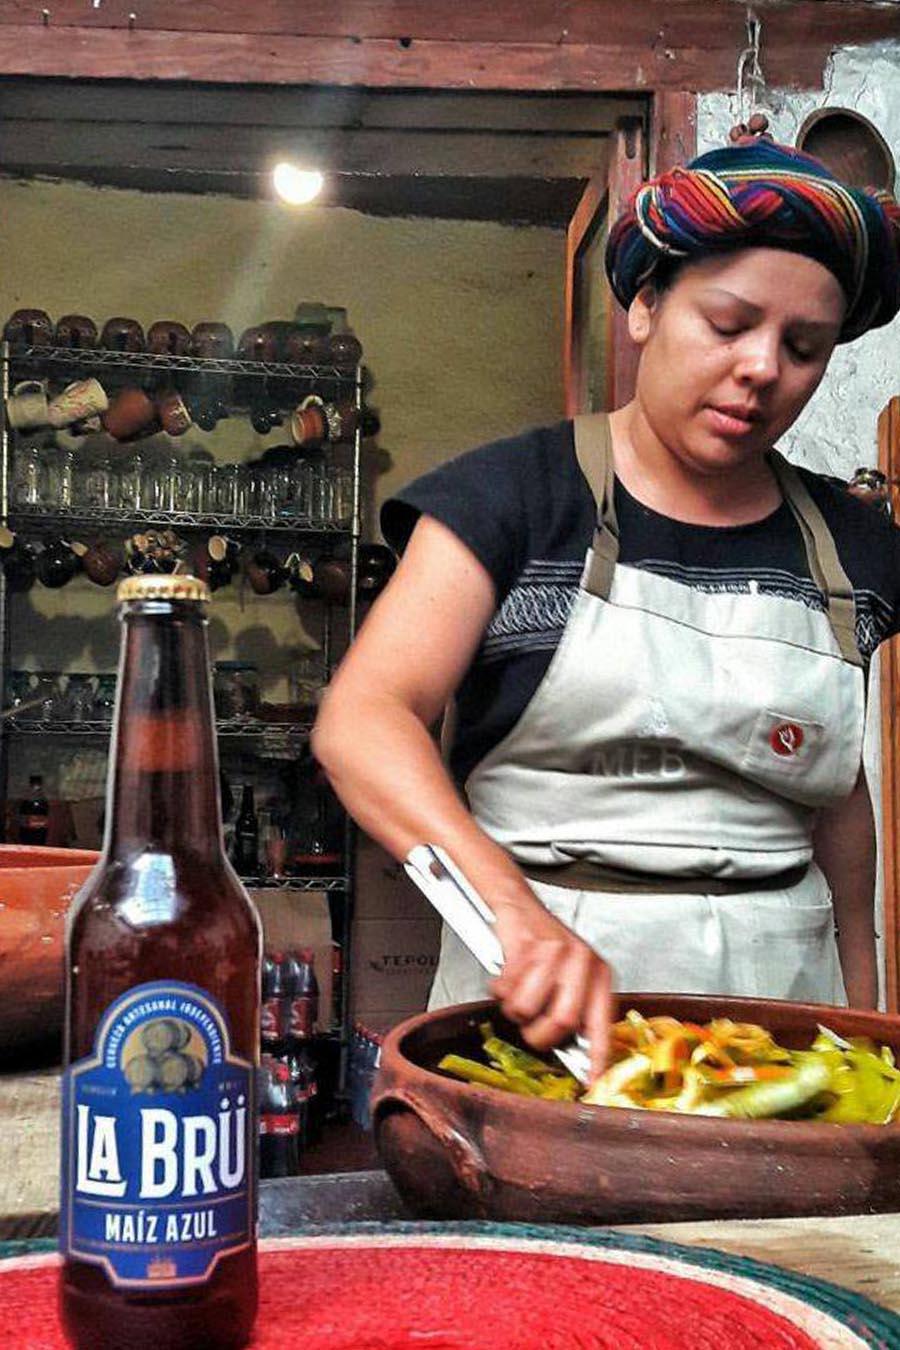 cerveza de maiz azul michoacan antojitos de maiz cerveza de maiz mexico michoacan la bru